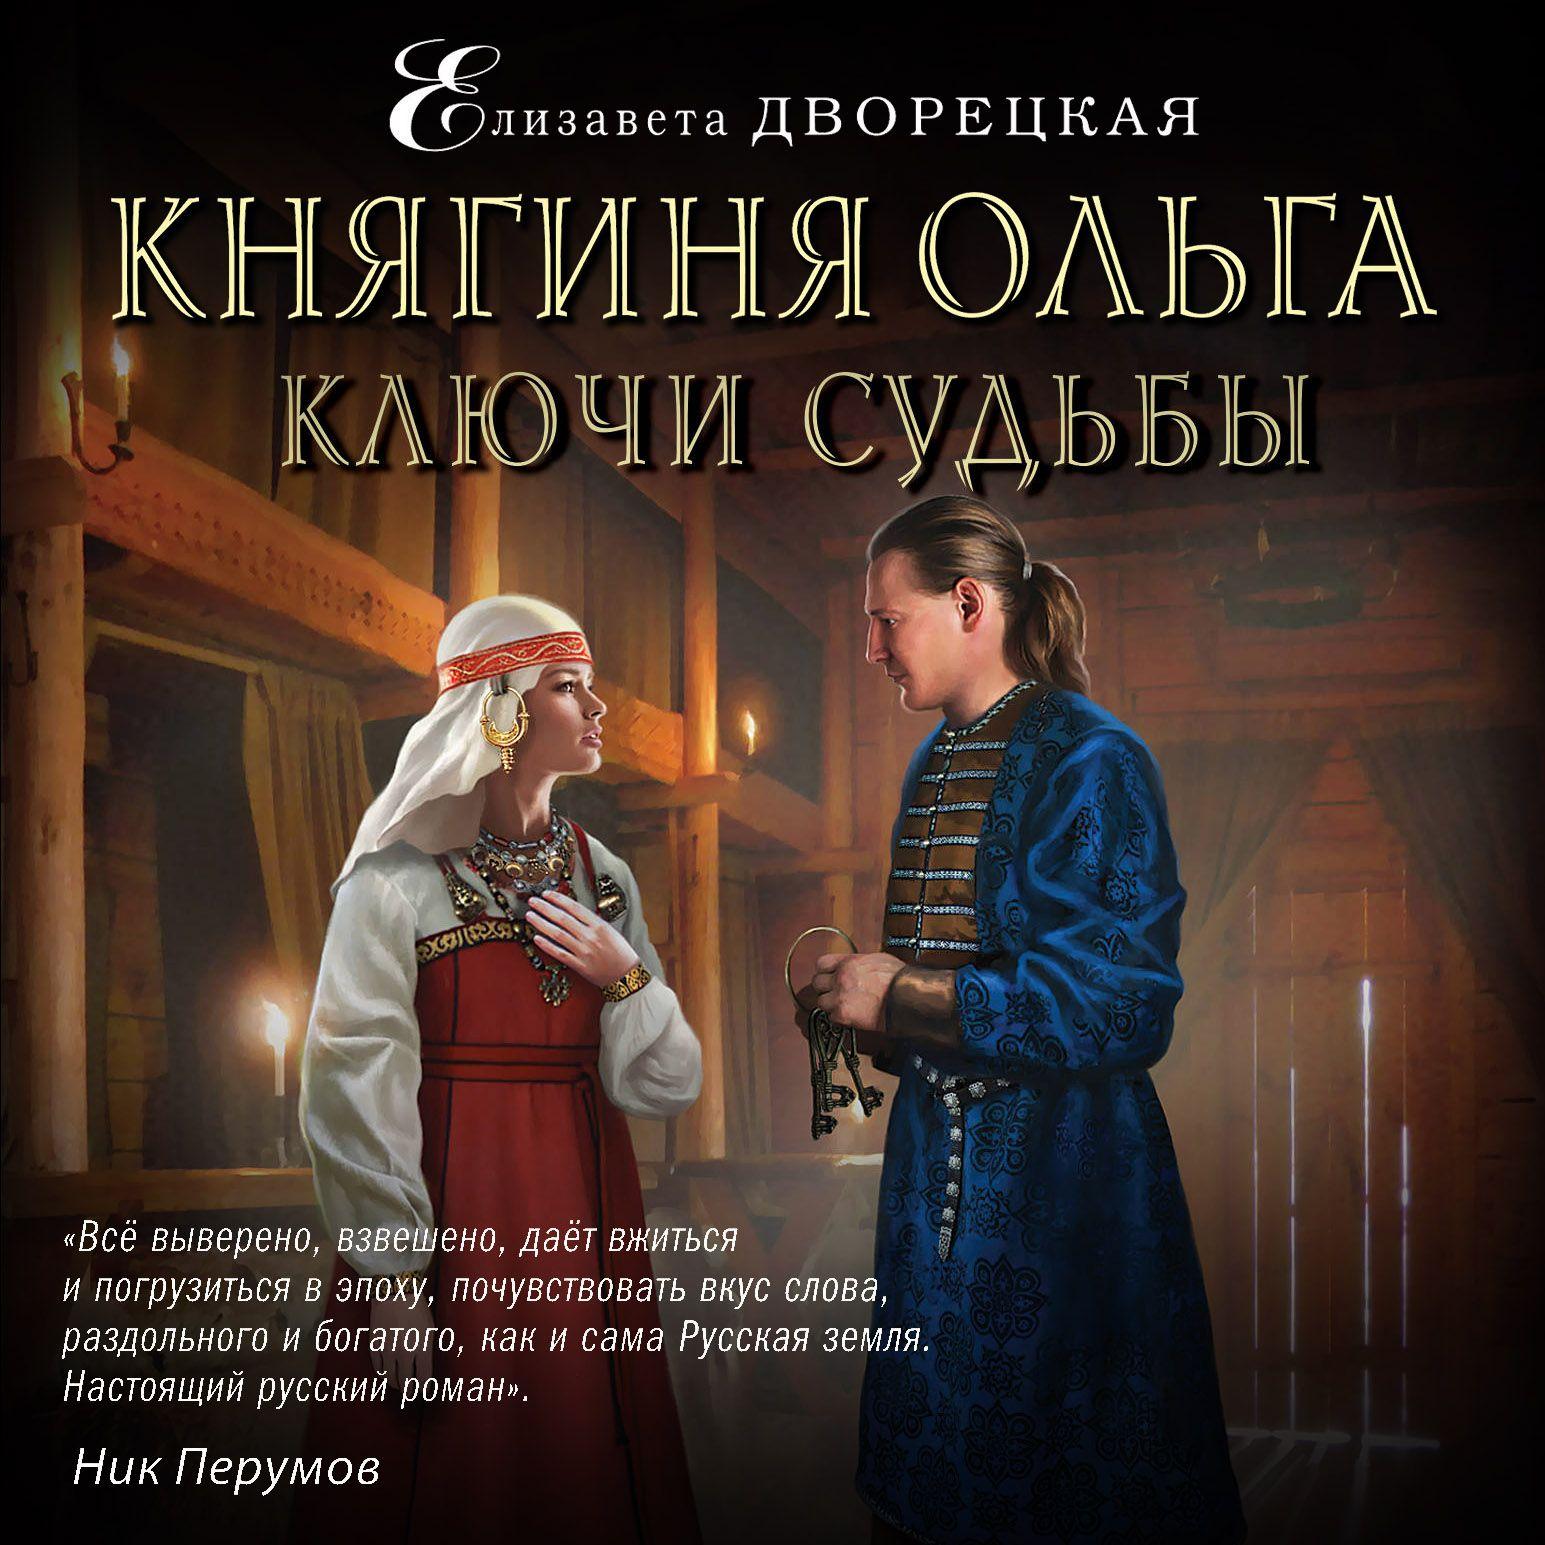 Купить книгу Княгиня Ольга. Ключи судьбы, автора Елизаветы Дворецкой